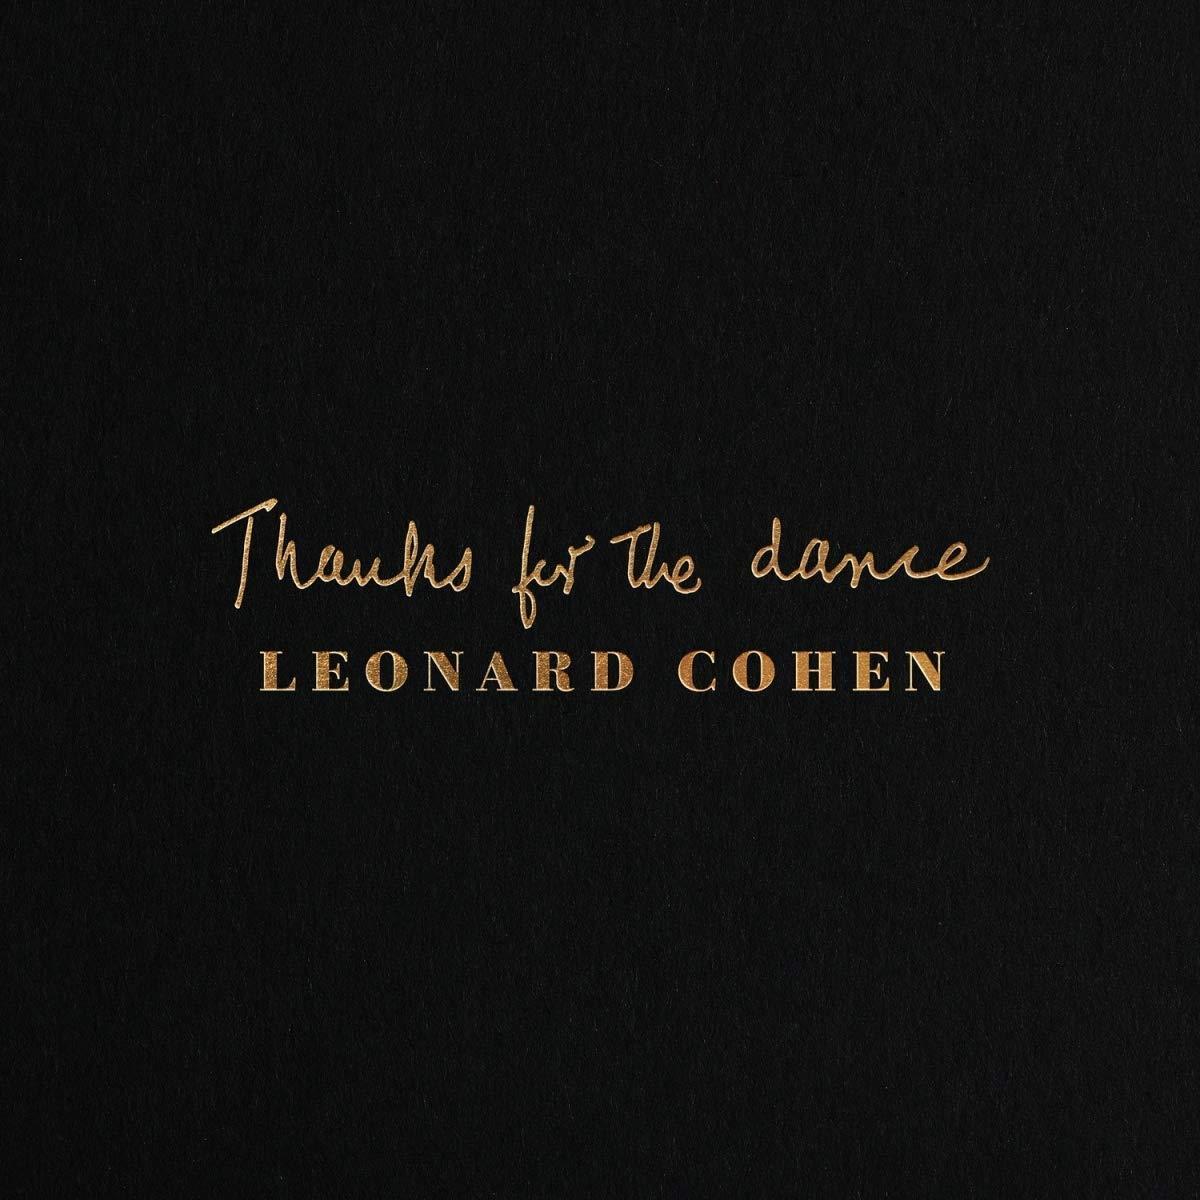 Leonard Cohen - Thanks For The Dance [LP]